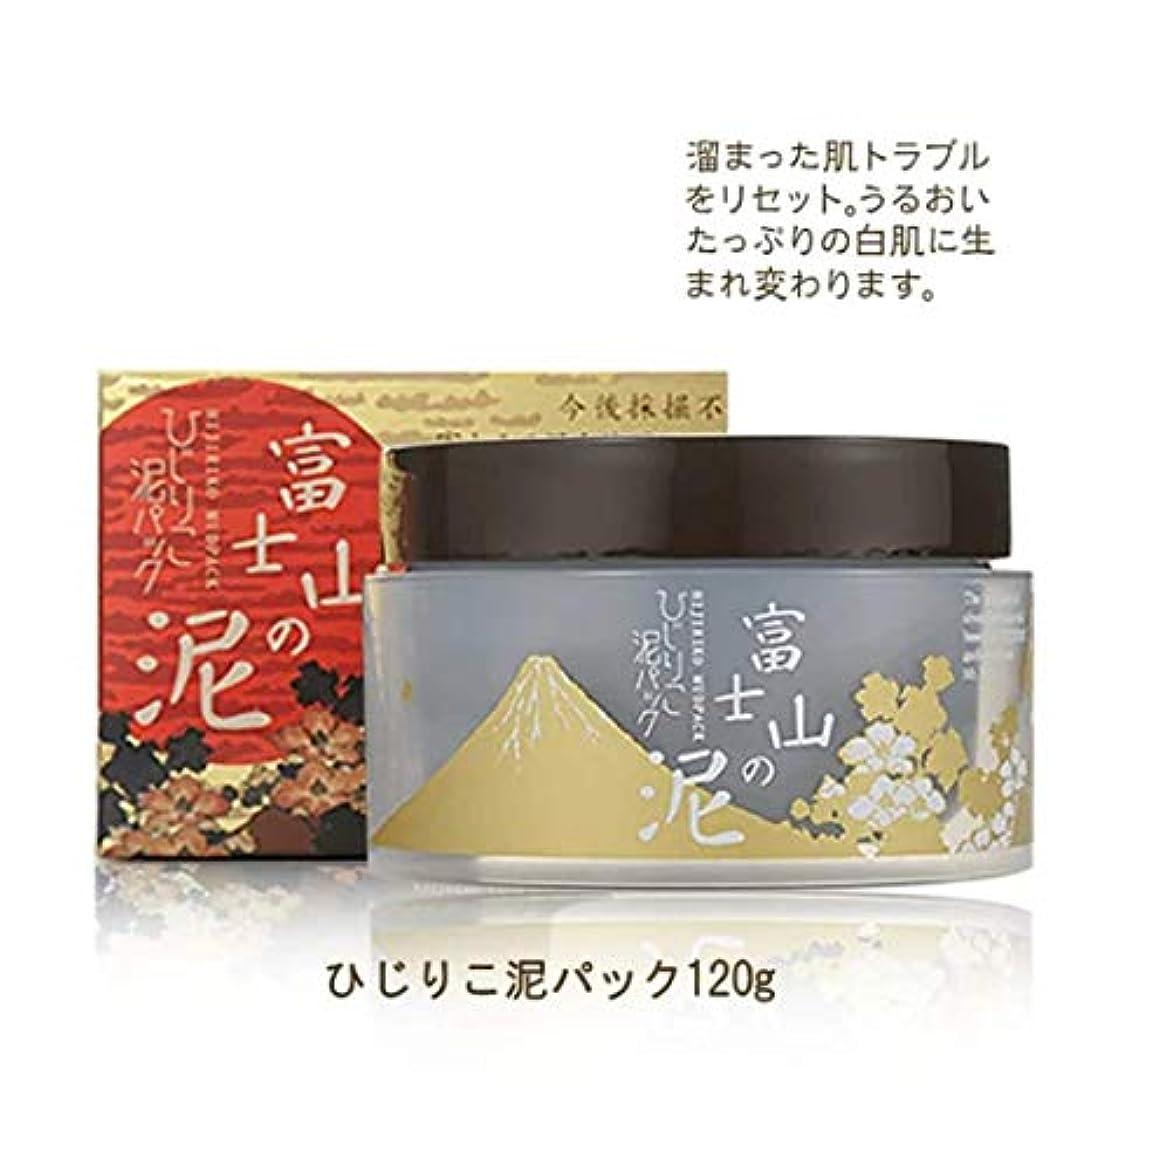 散逸とげここにひじりこ化粧品 ひじりこ泥パックS 富士山の泥 120g